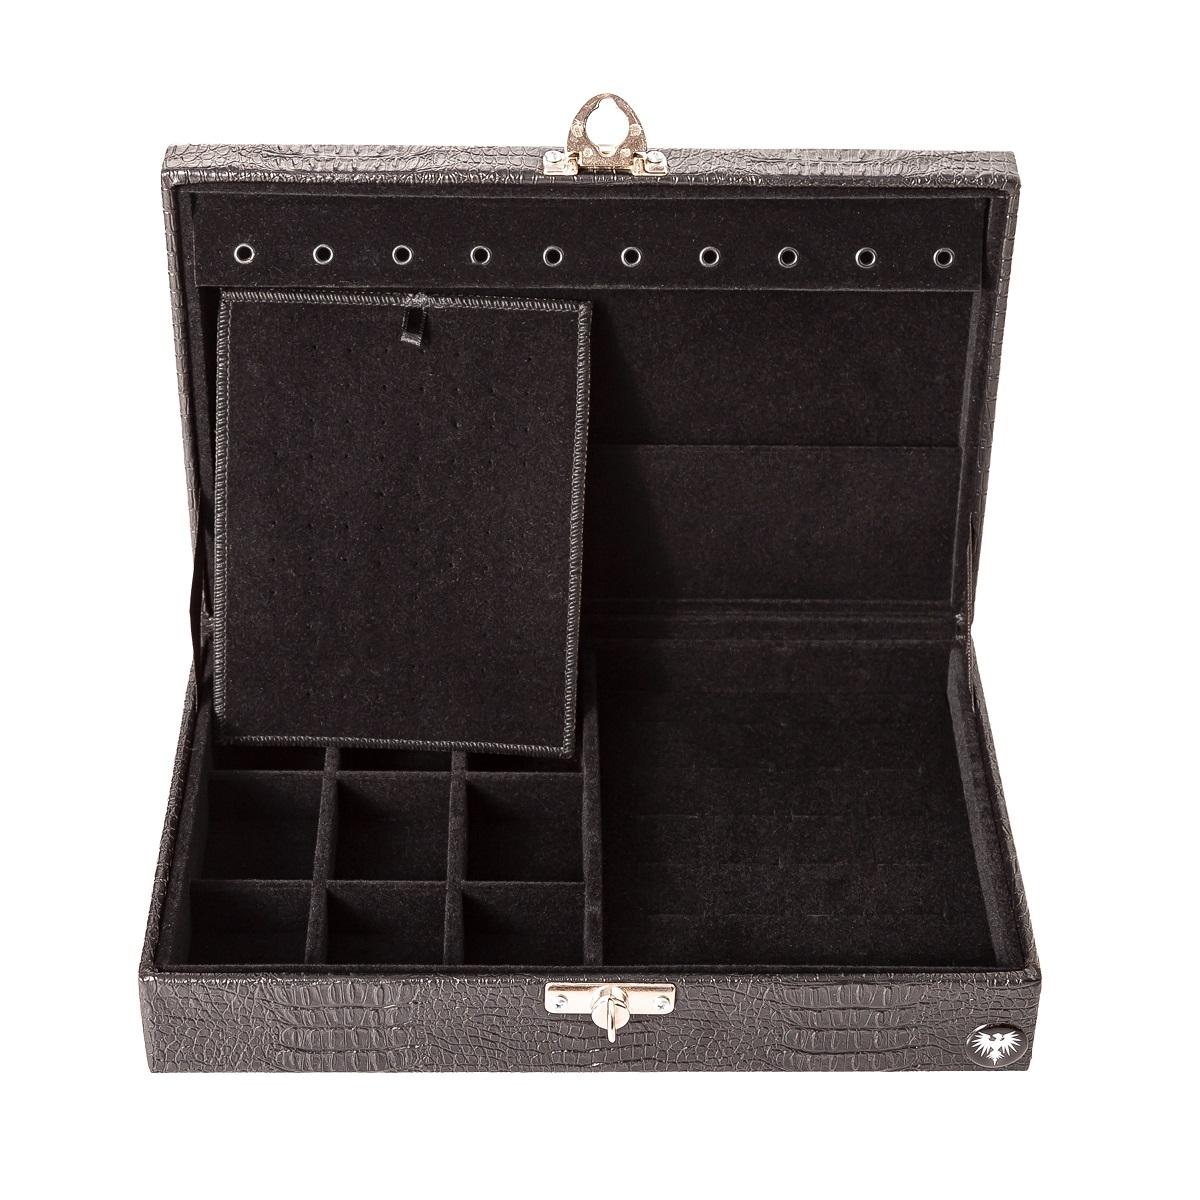 caixa-porta-joias-couro-ecologico-pequeno-preto-preto-imagem-3.jpg